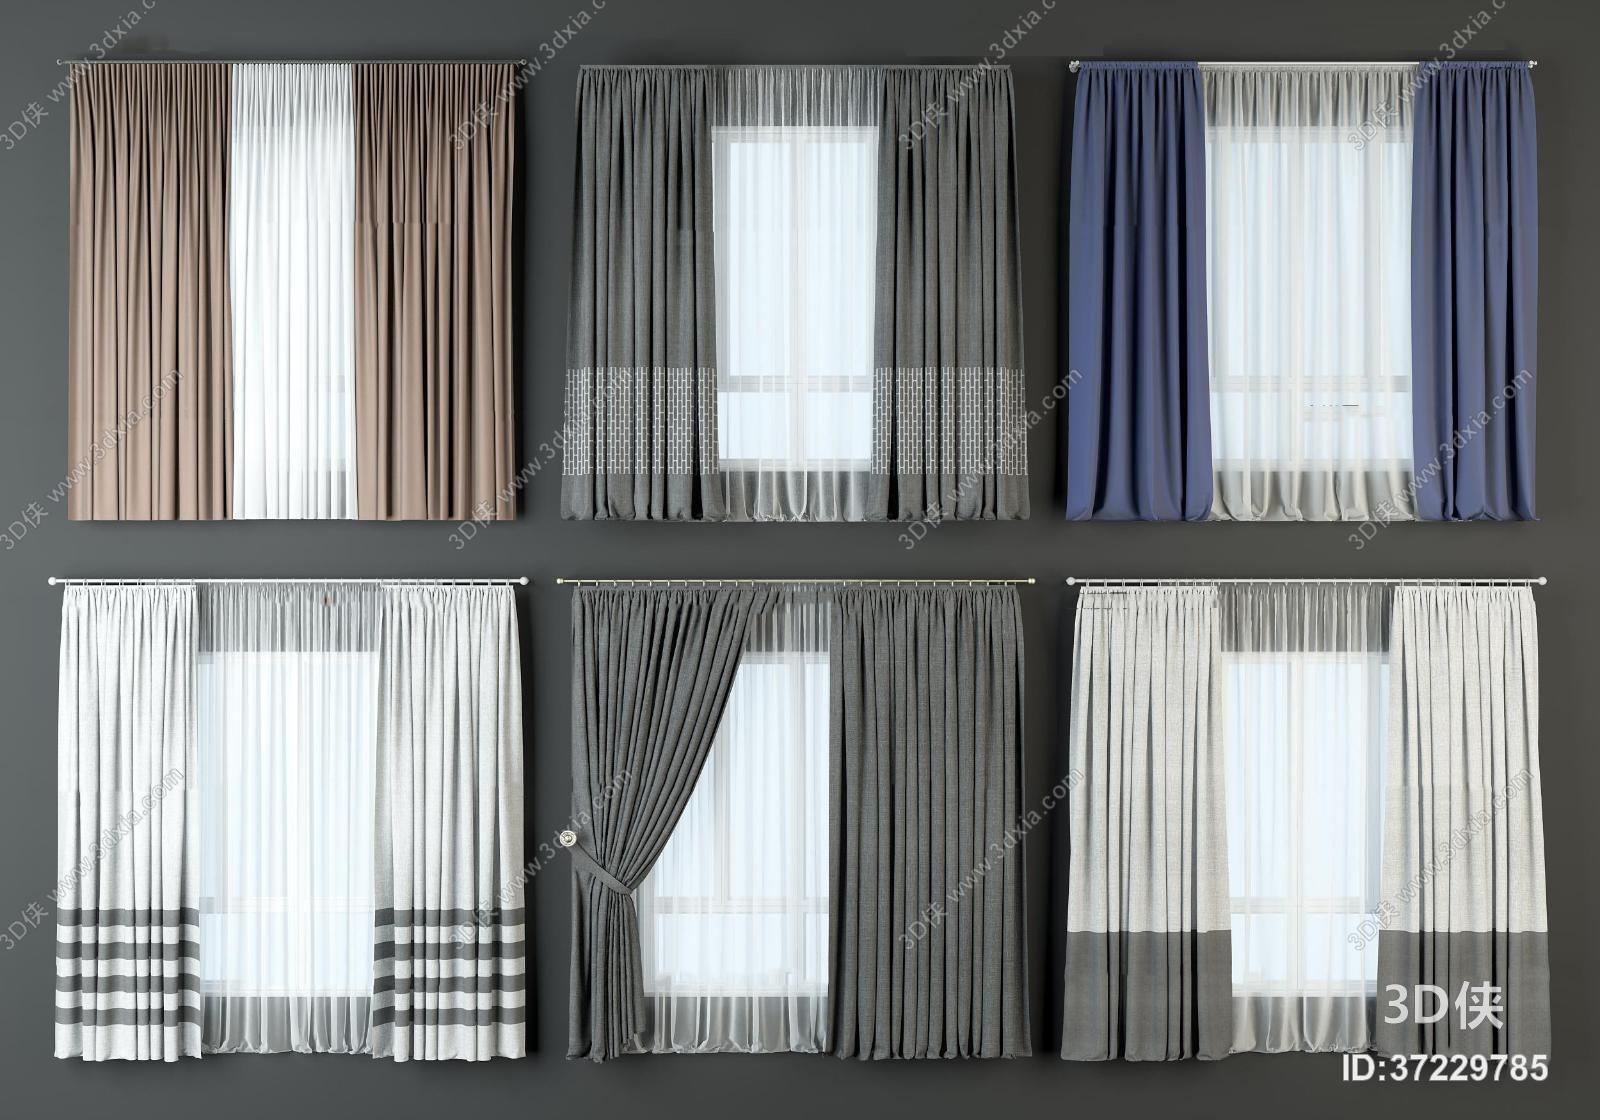 2012,建议使用3dmax 2012 软件打开,该现代风格窗帘家纺图片素材大小